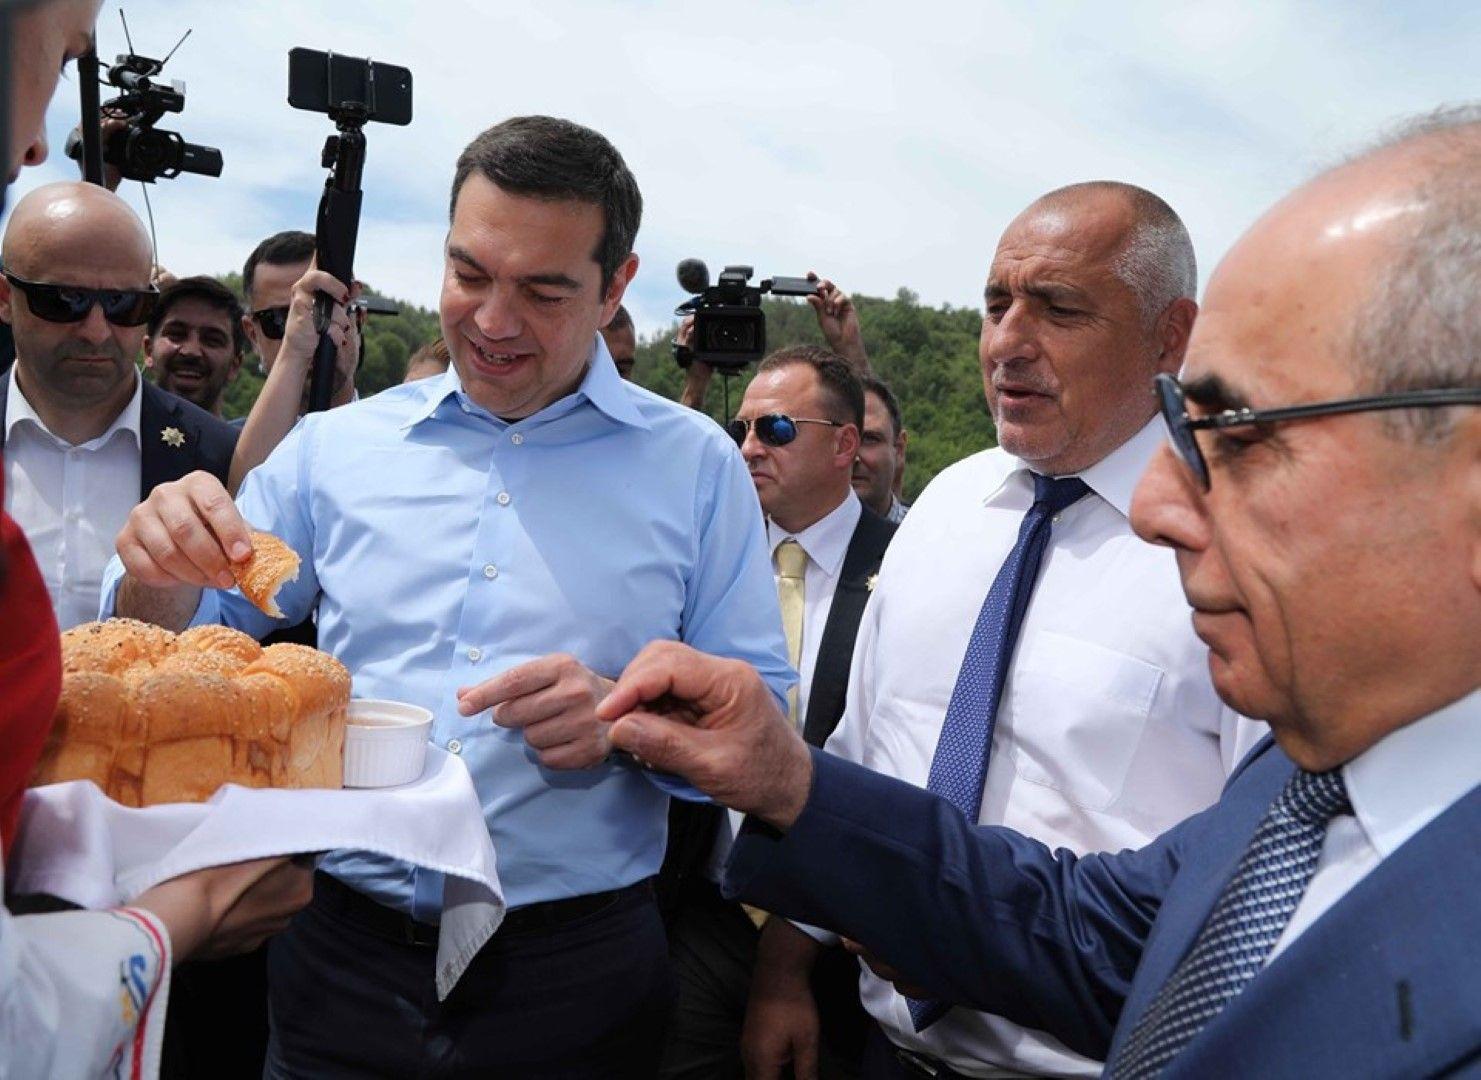 Посрещнаха Ципрас с хляб и сол